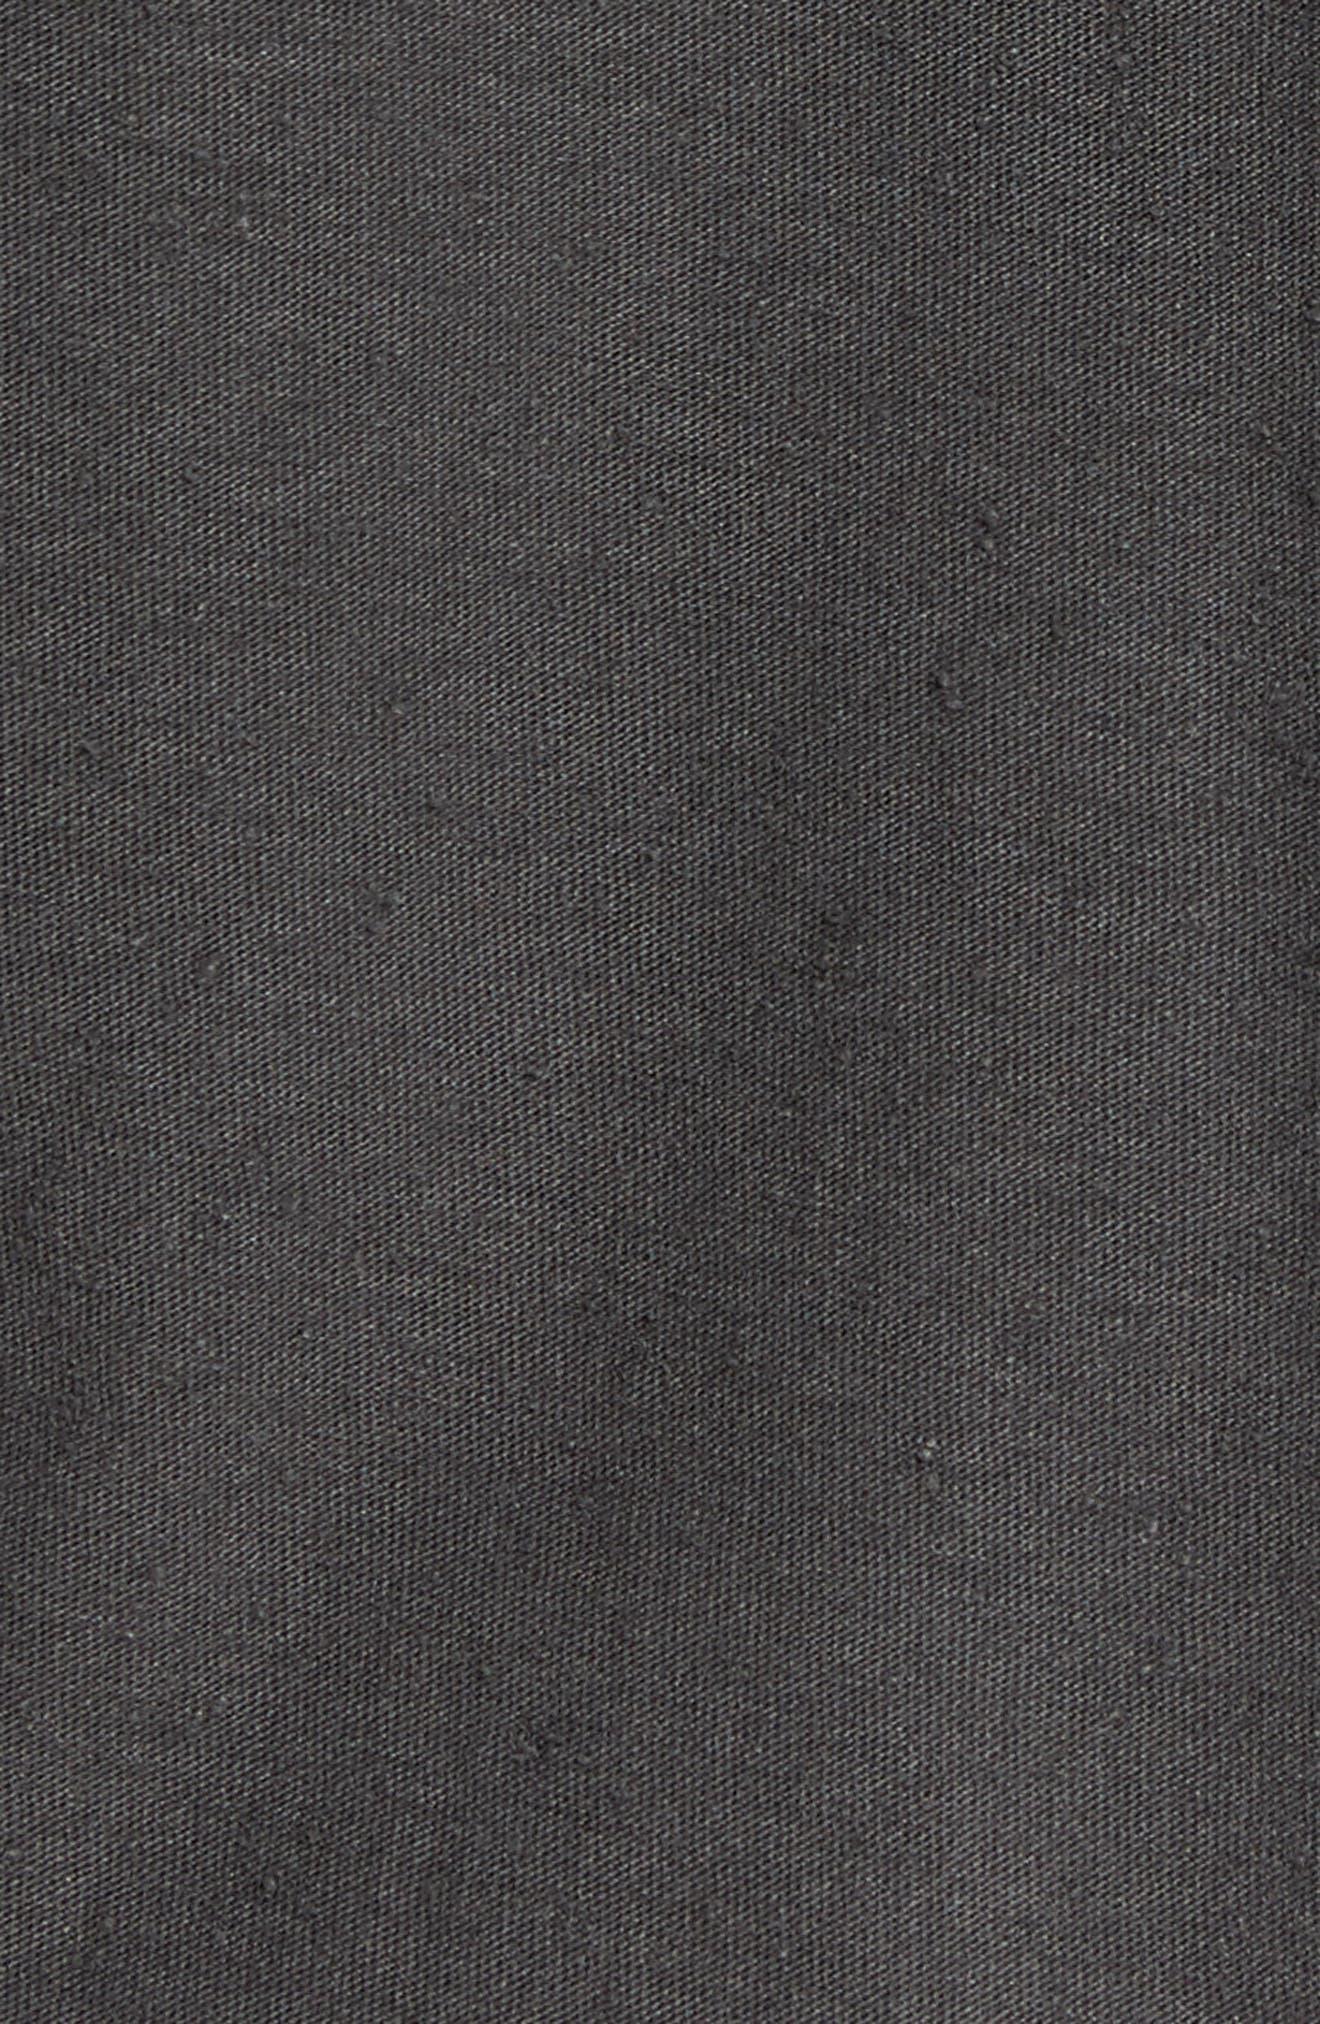 Cotton Henley,                             Alternate thumbnail 5, color,                             001